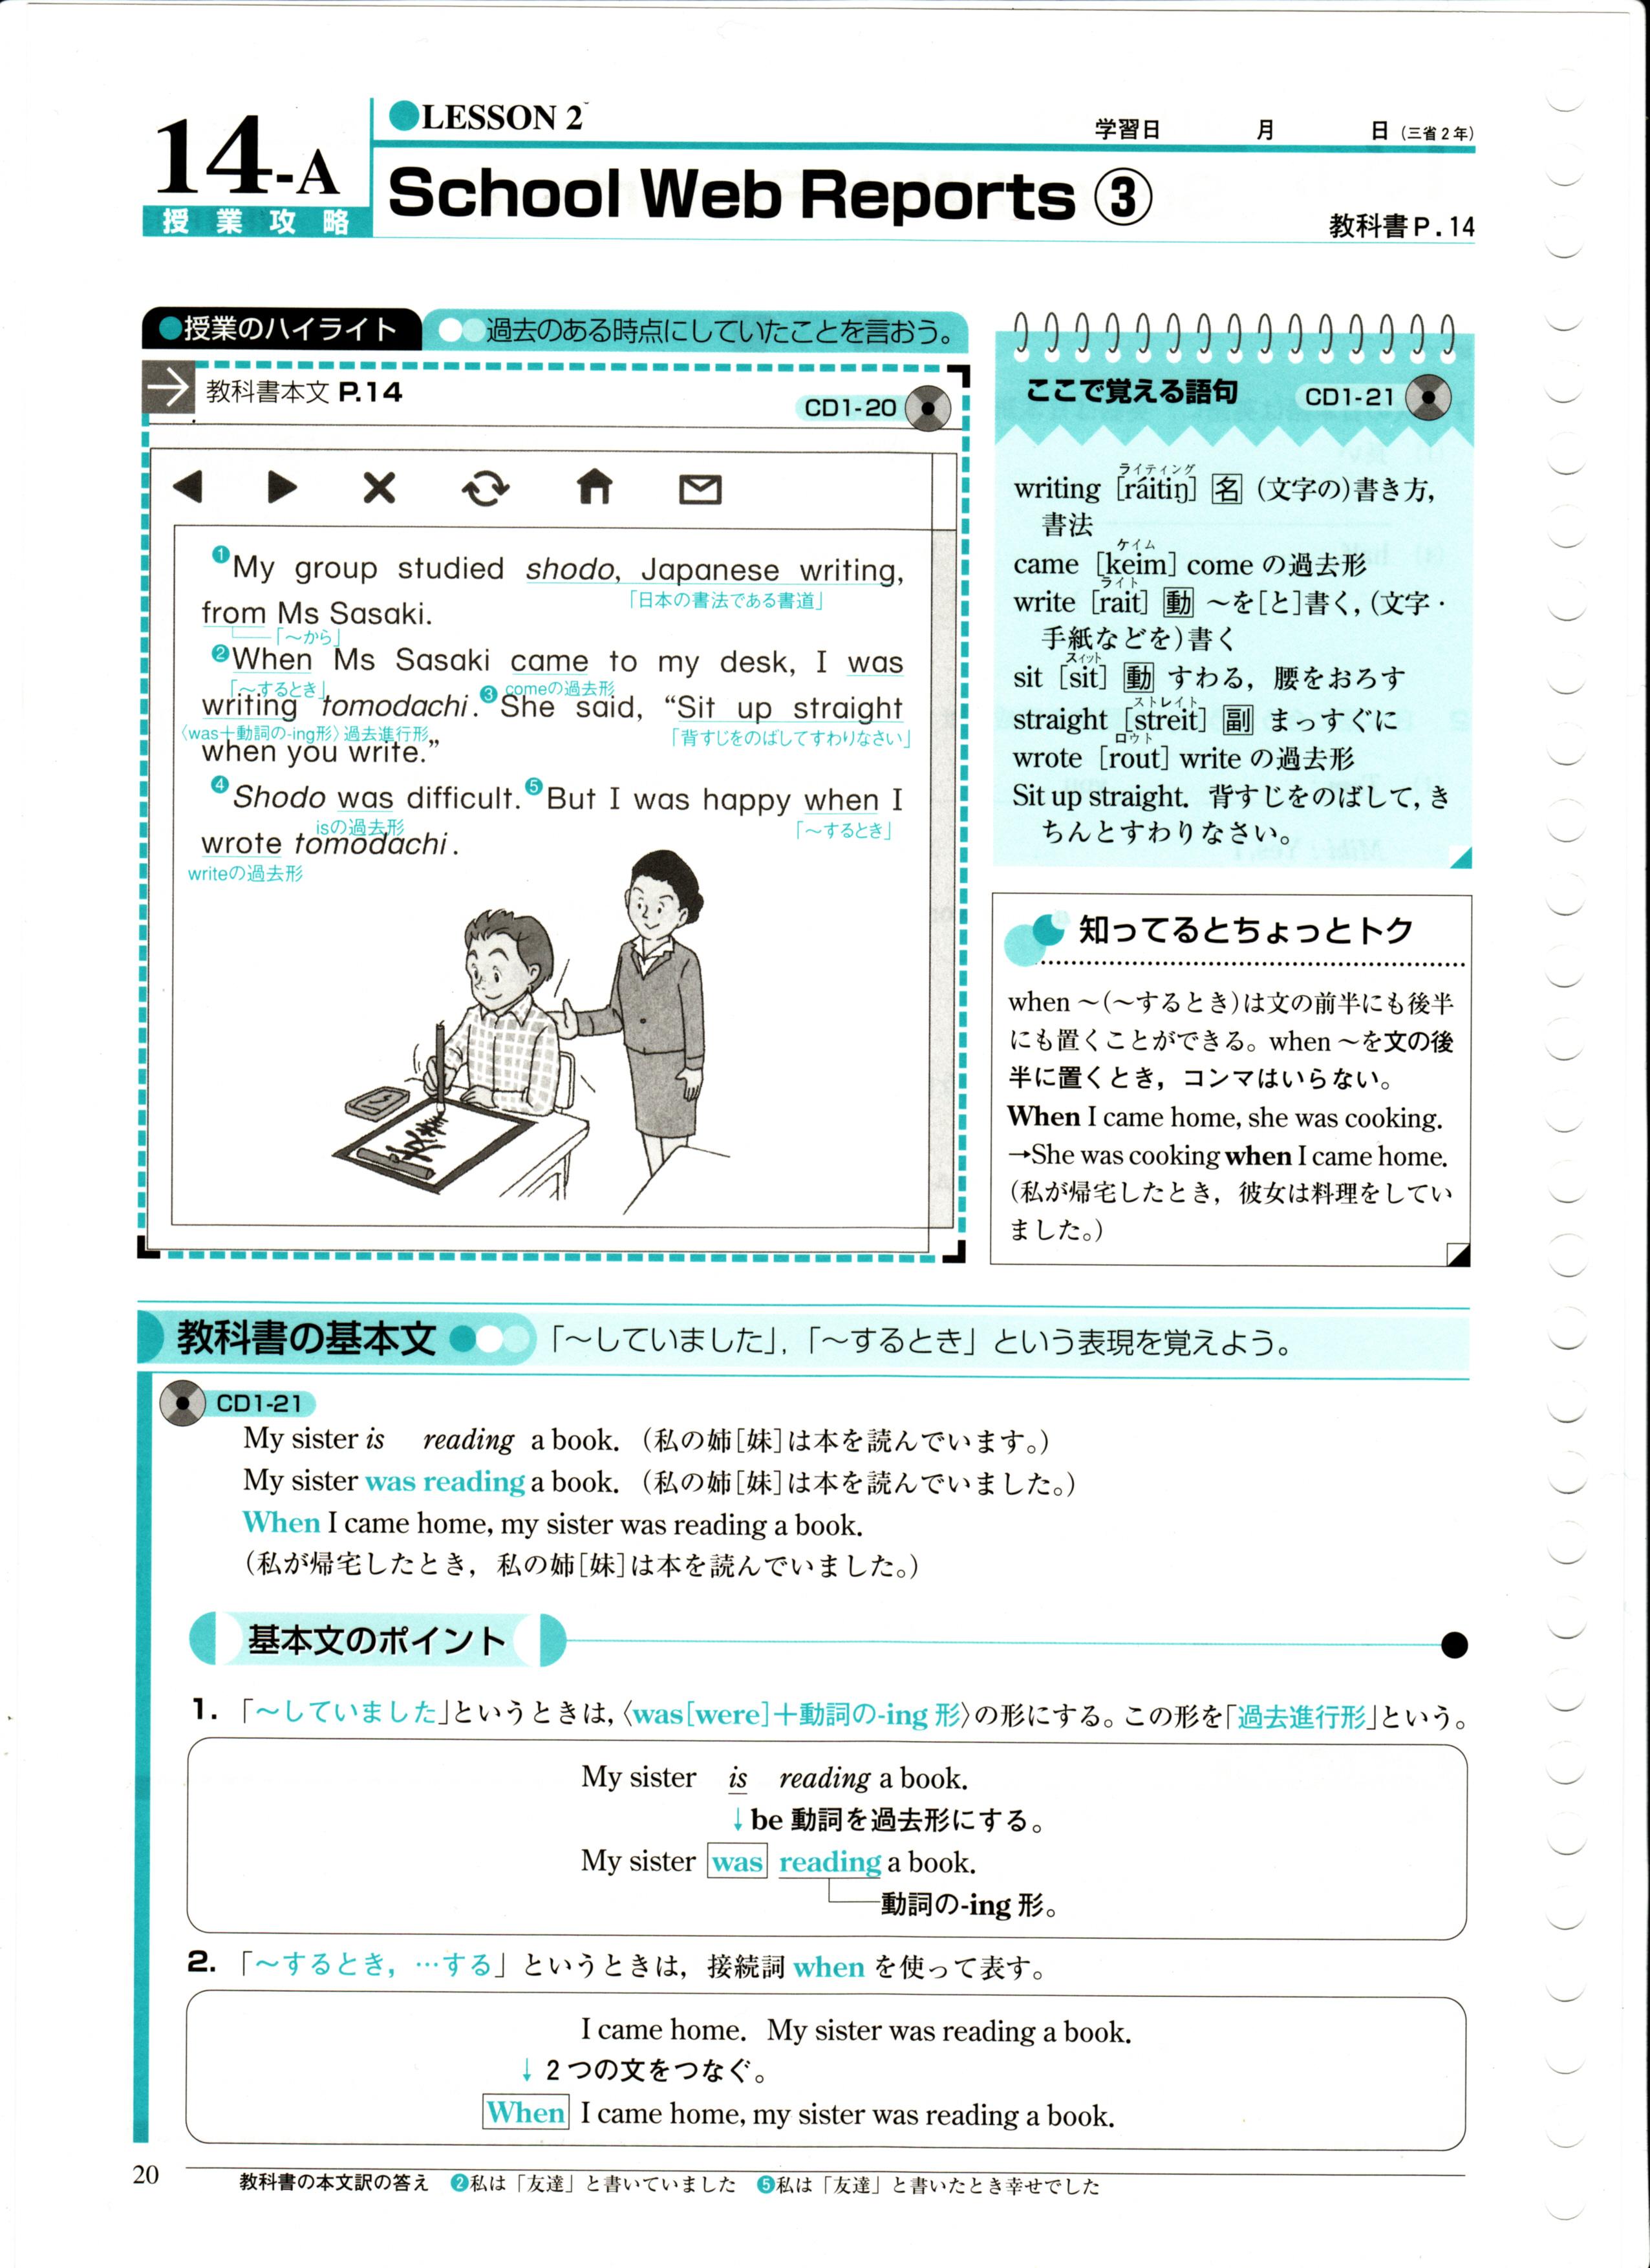 デイリーエースナビ英語授業攻略ゼミ(中2 三省堂版)